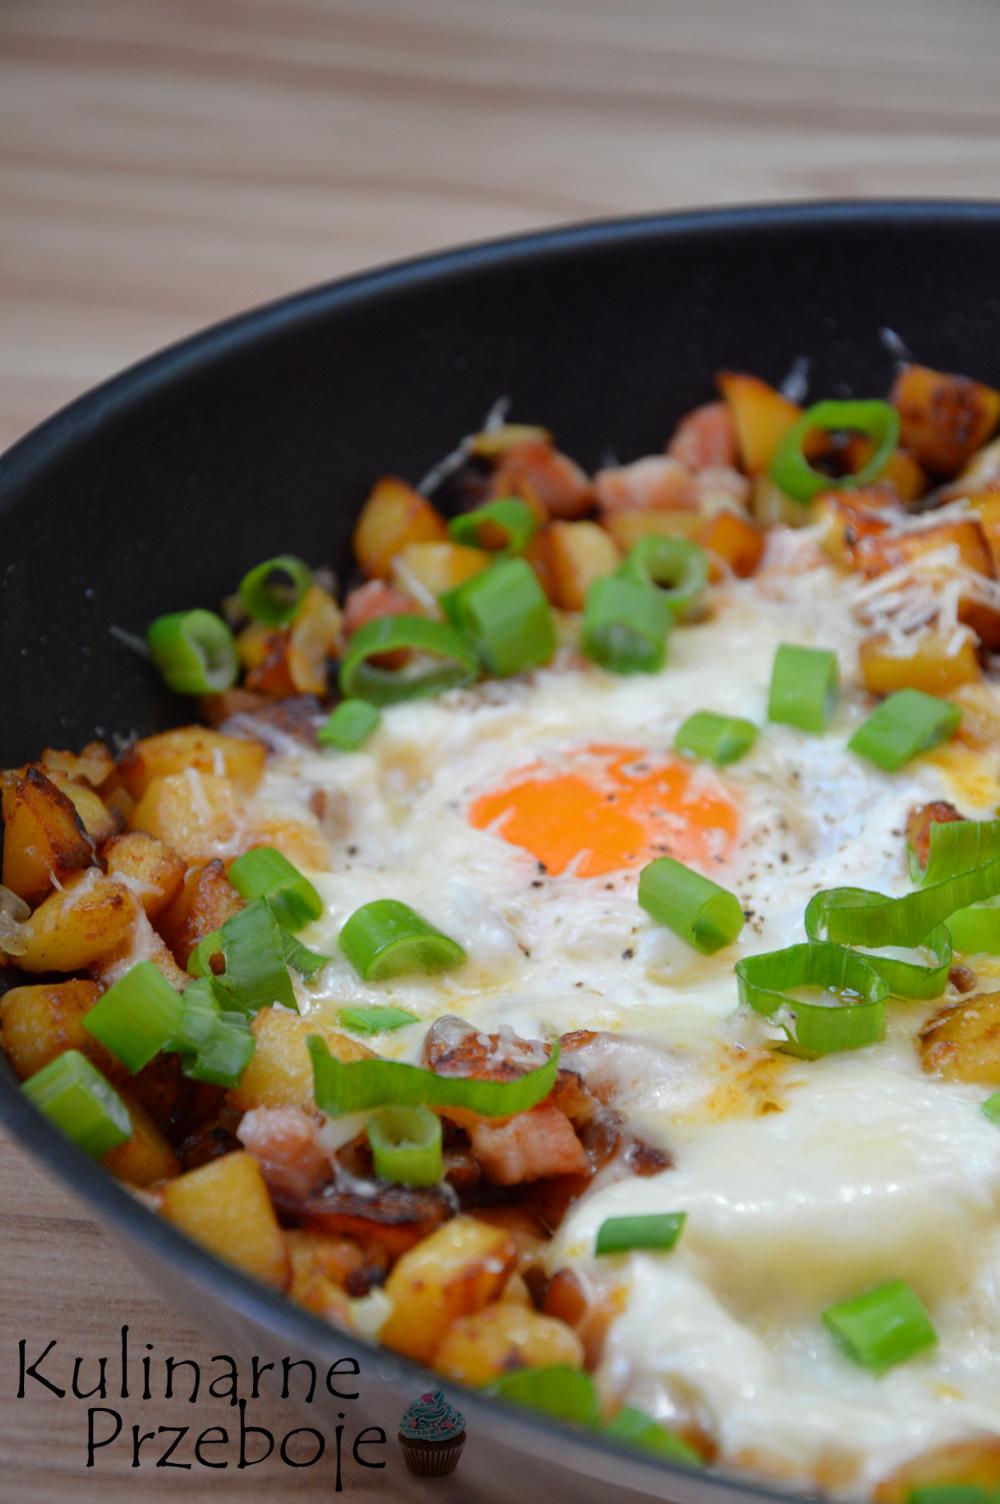 Prosty i szybki obiad z jajek, ziemniaków i boczku na patelni